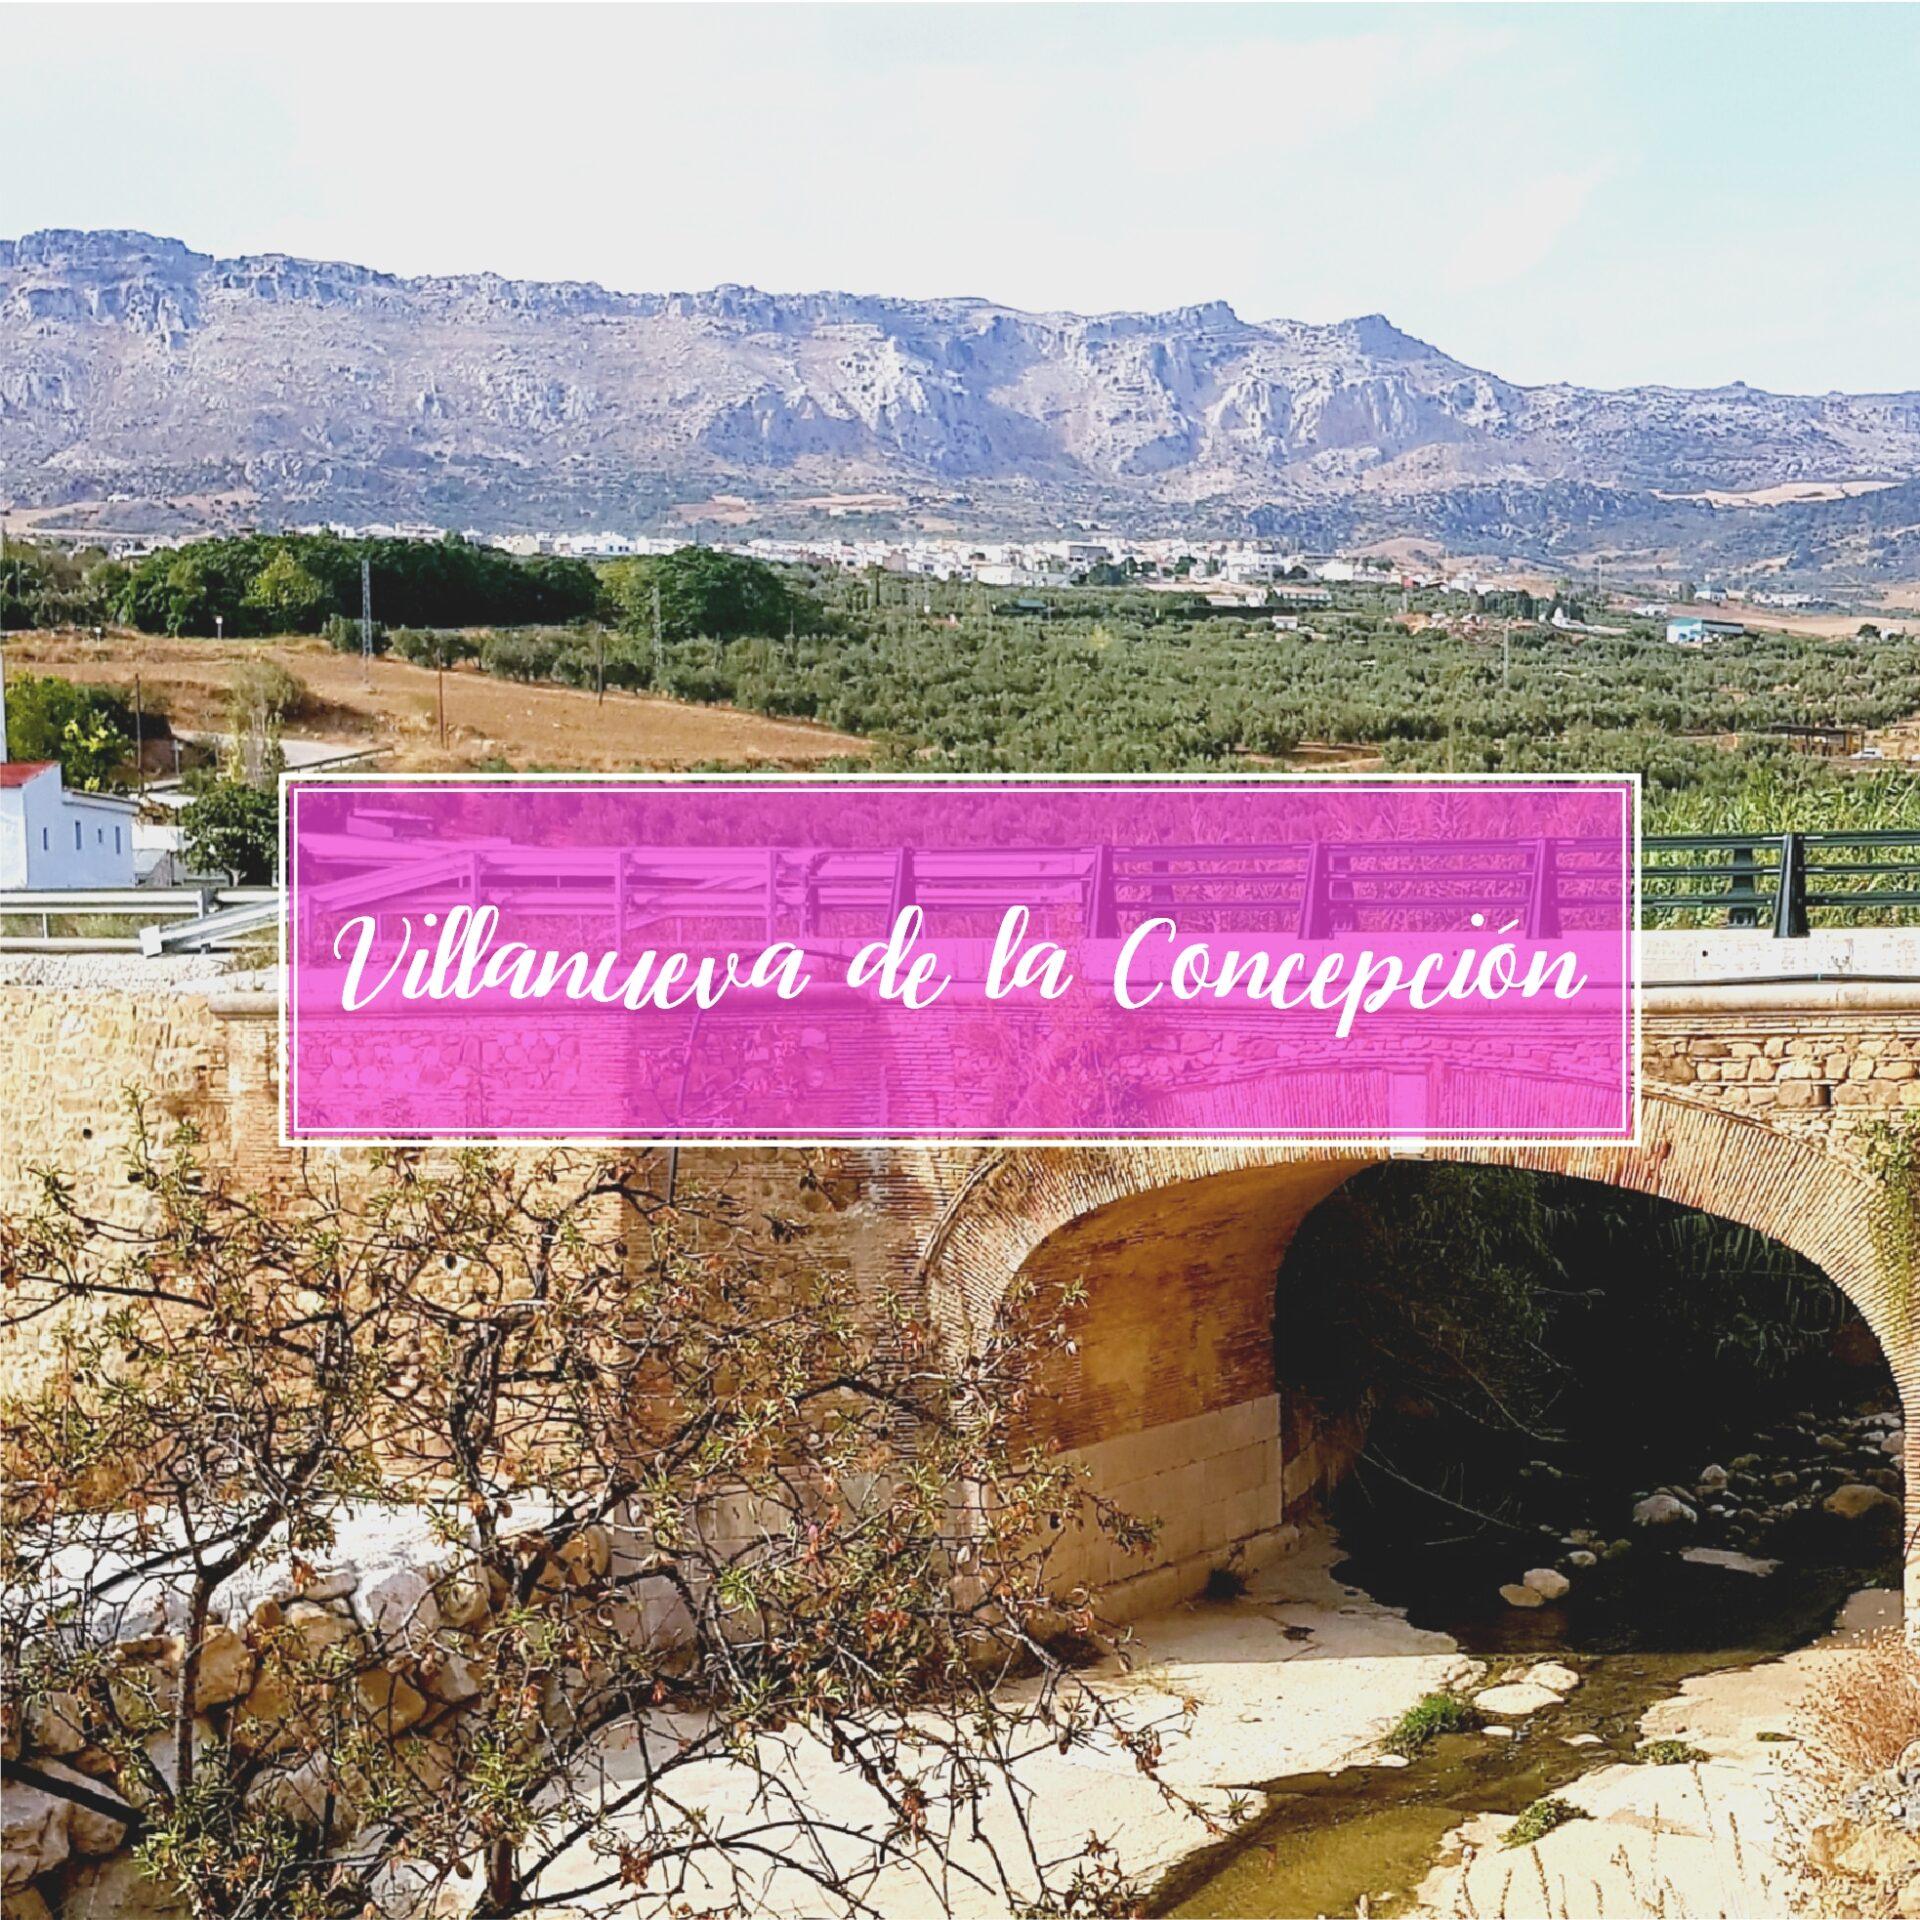 Villanueva de la Concepcion Pueblo Malaga